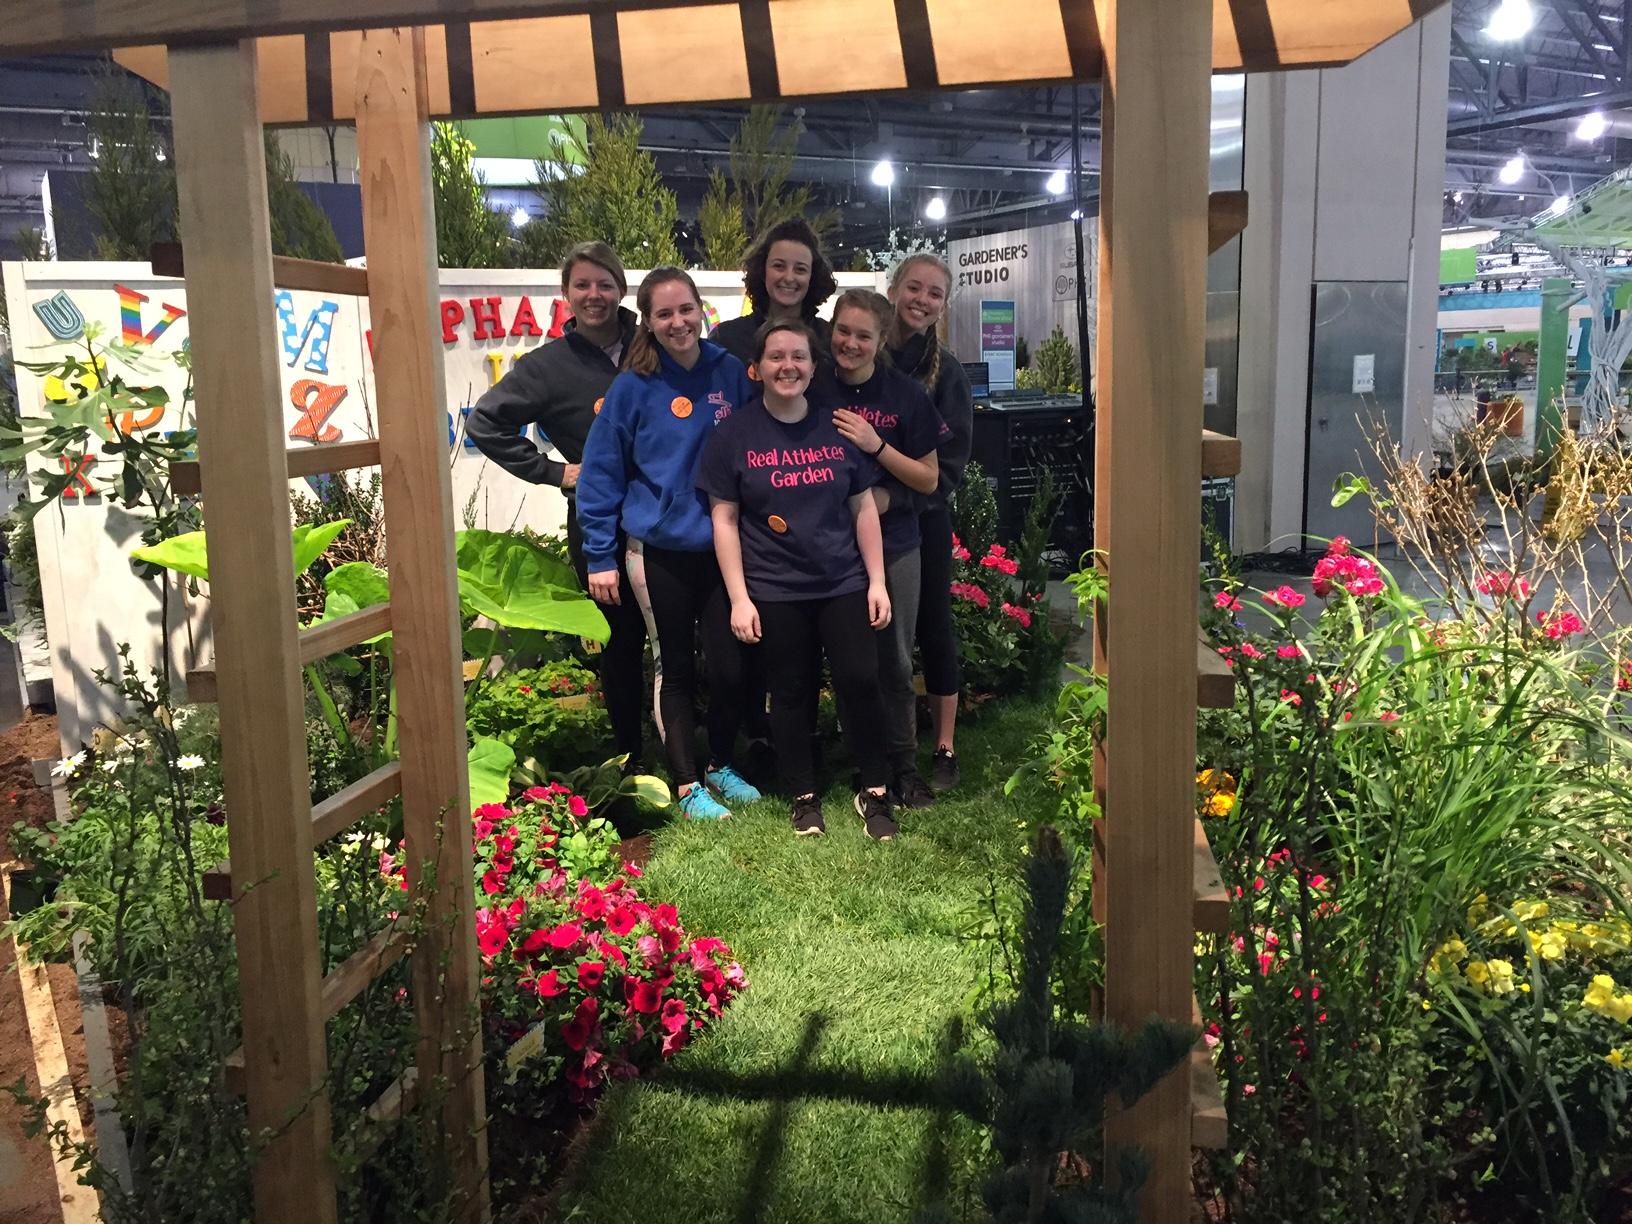 Spring Garden Senior Center Philadelphia Pa All The Best Garden In 2018